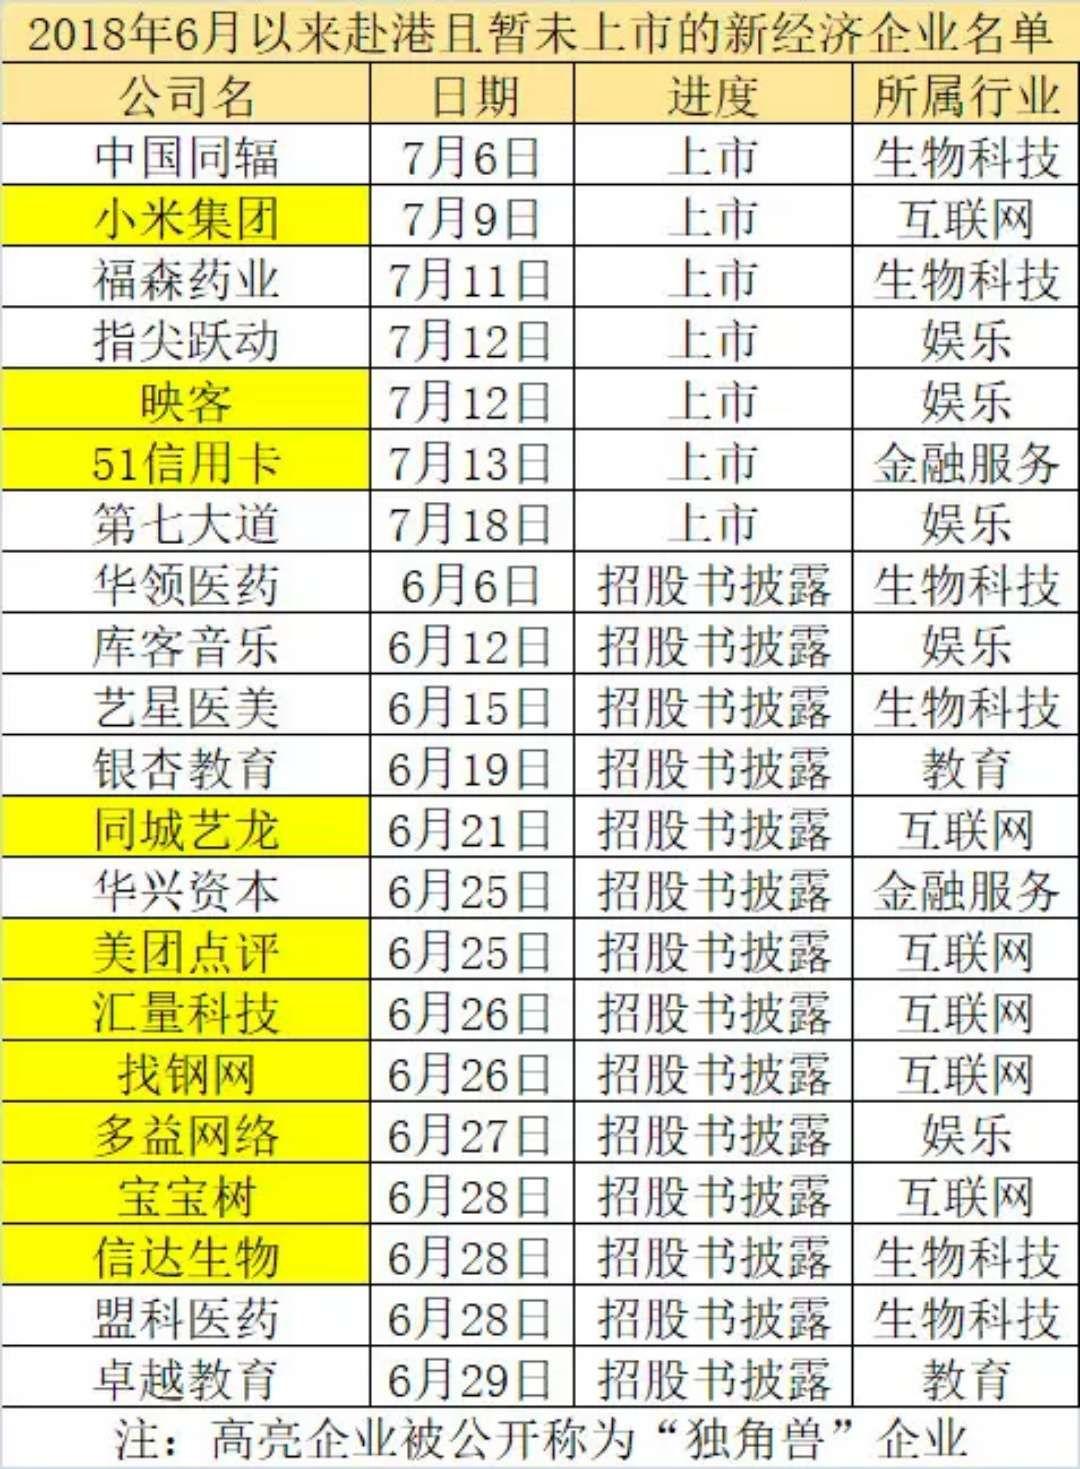 十新经济龙头狂欢:51信用卡市值破百亿 小米超京东